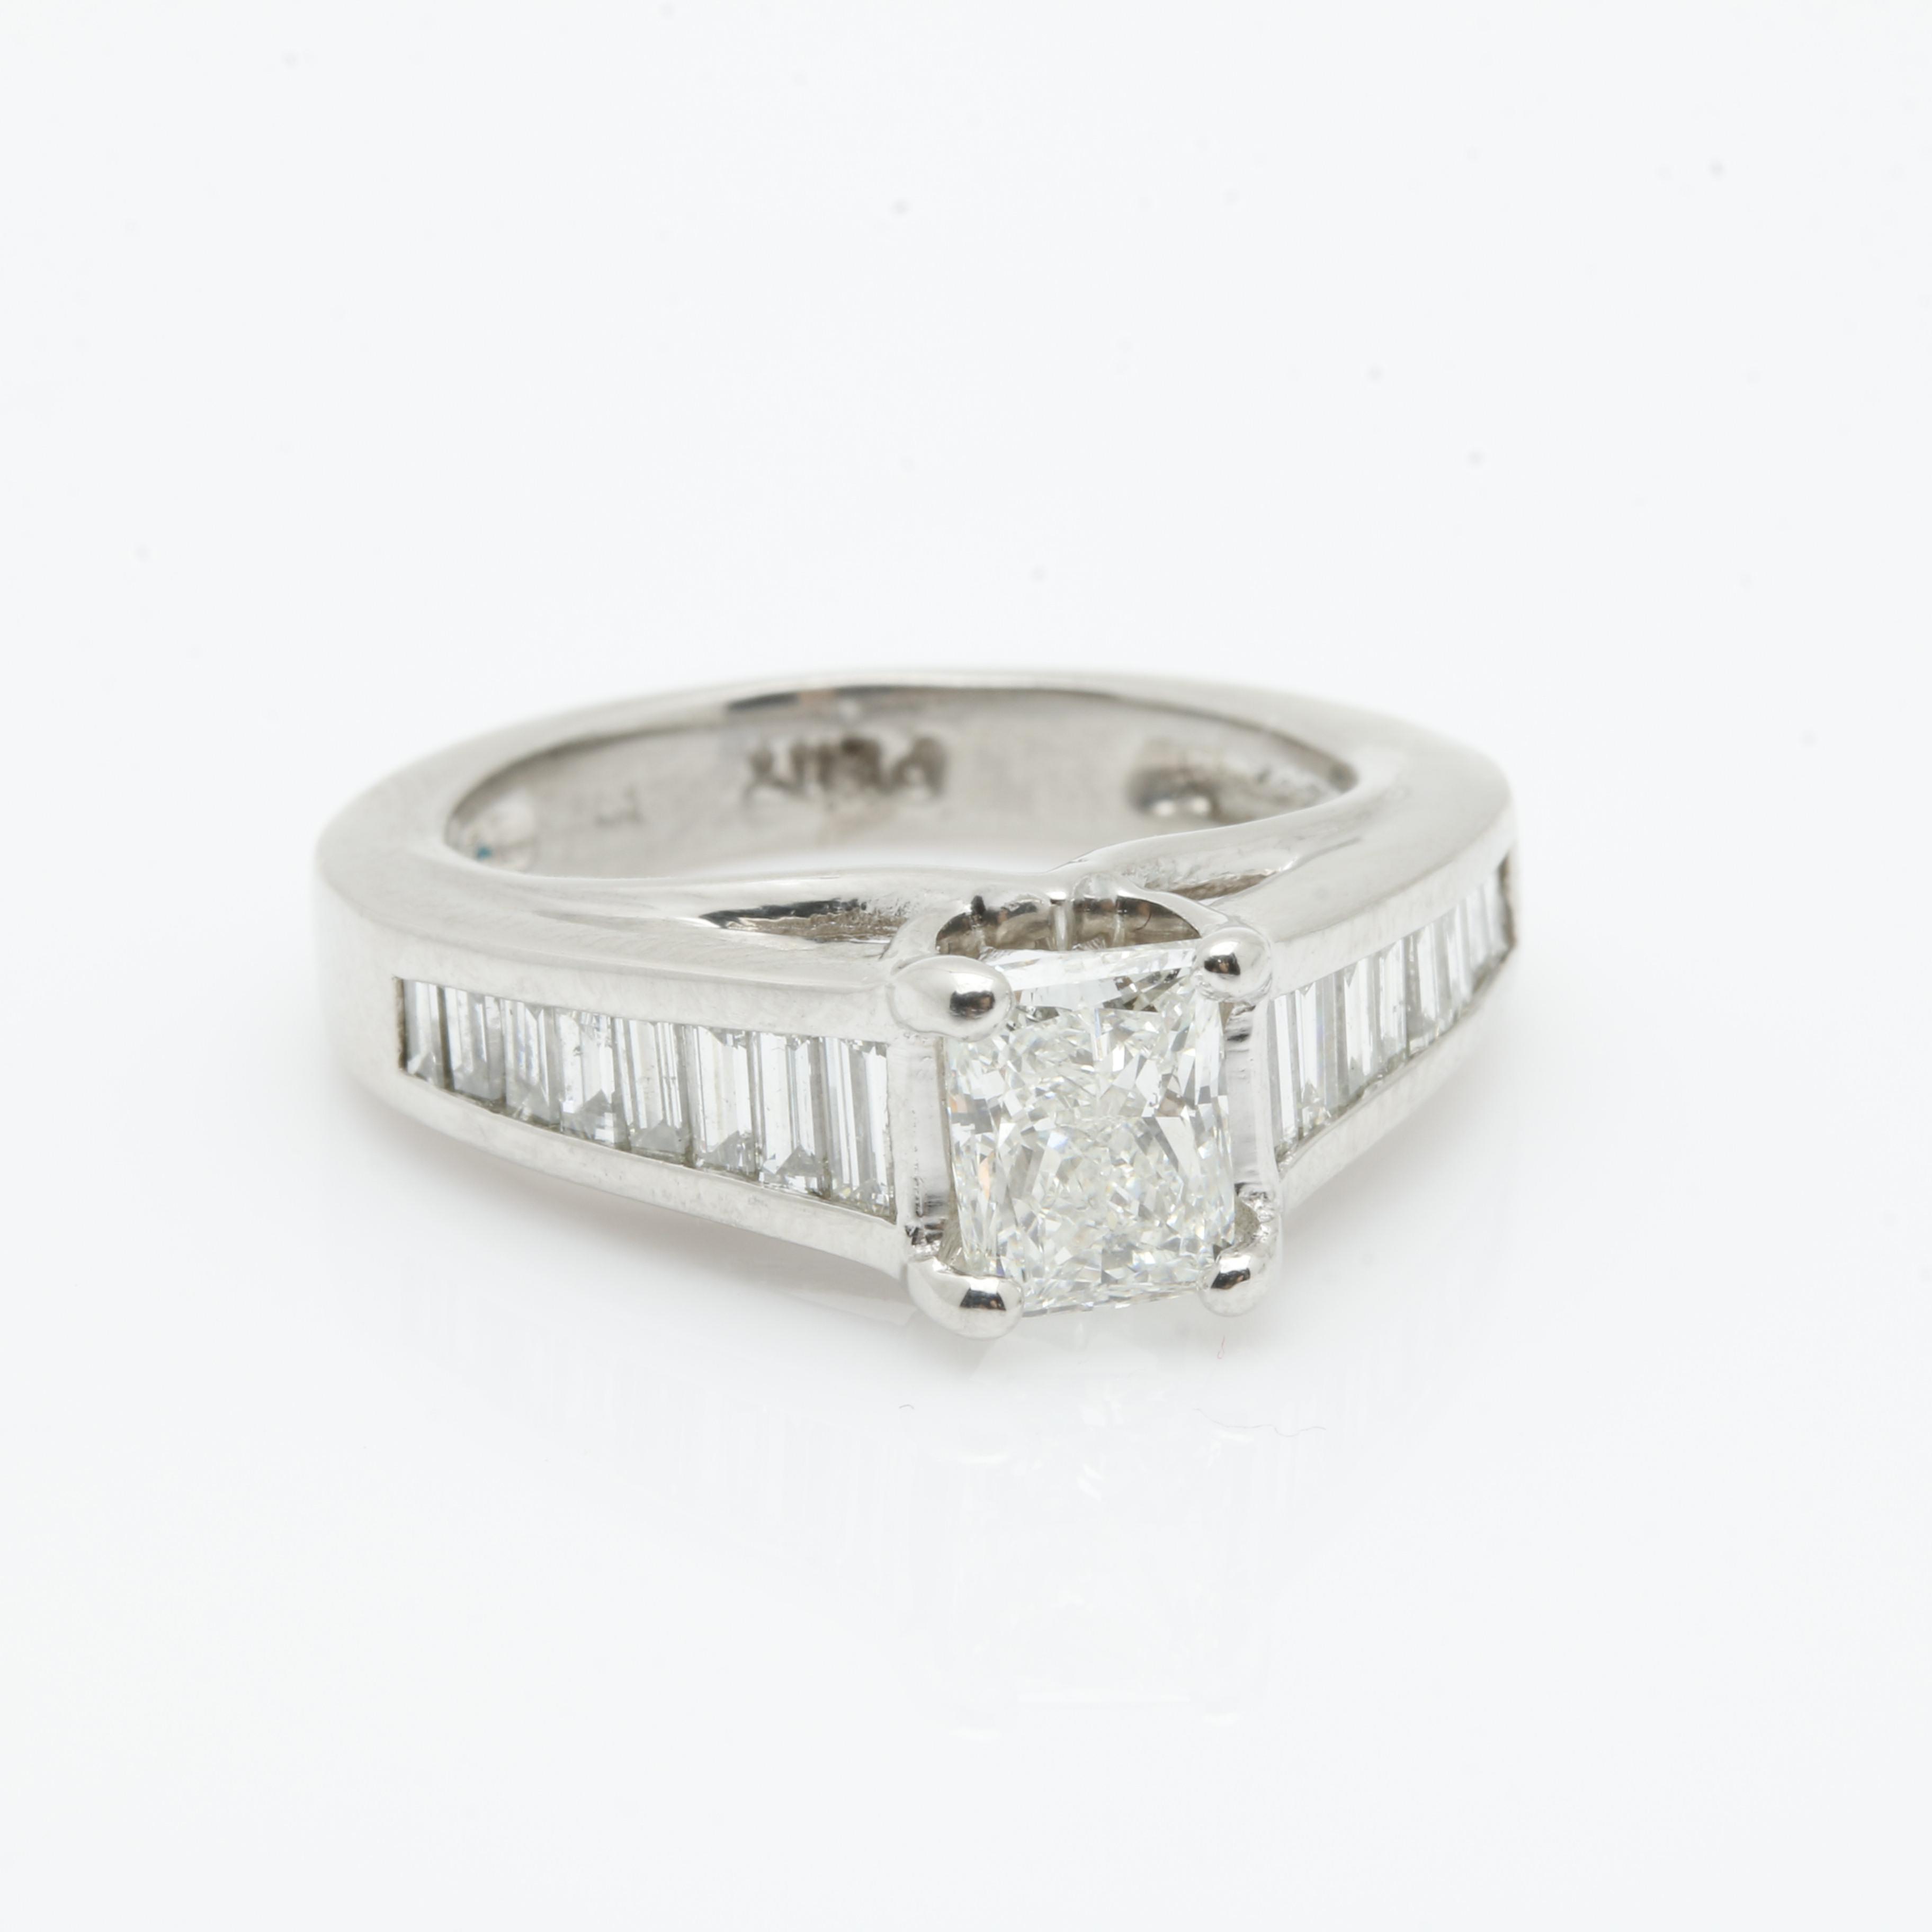 Platinum 1.46 CTW Diamond Ring